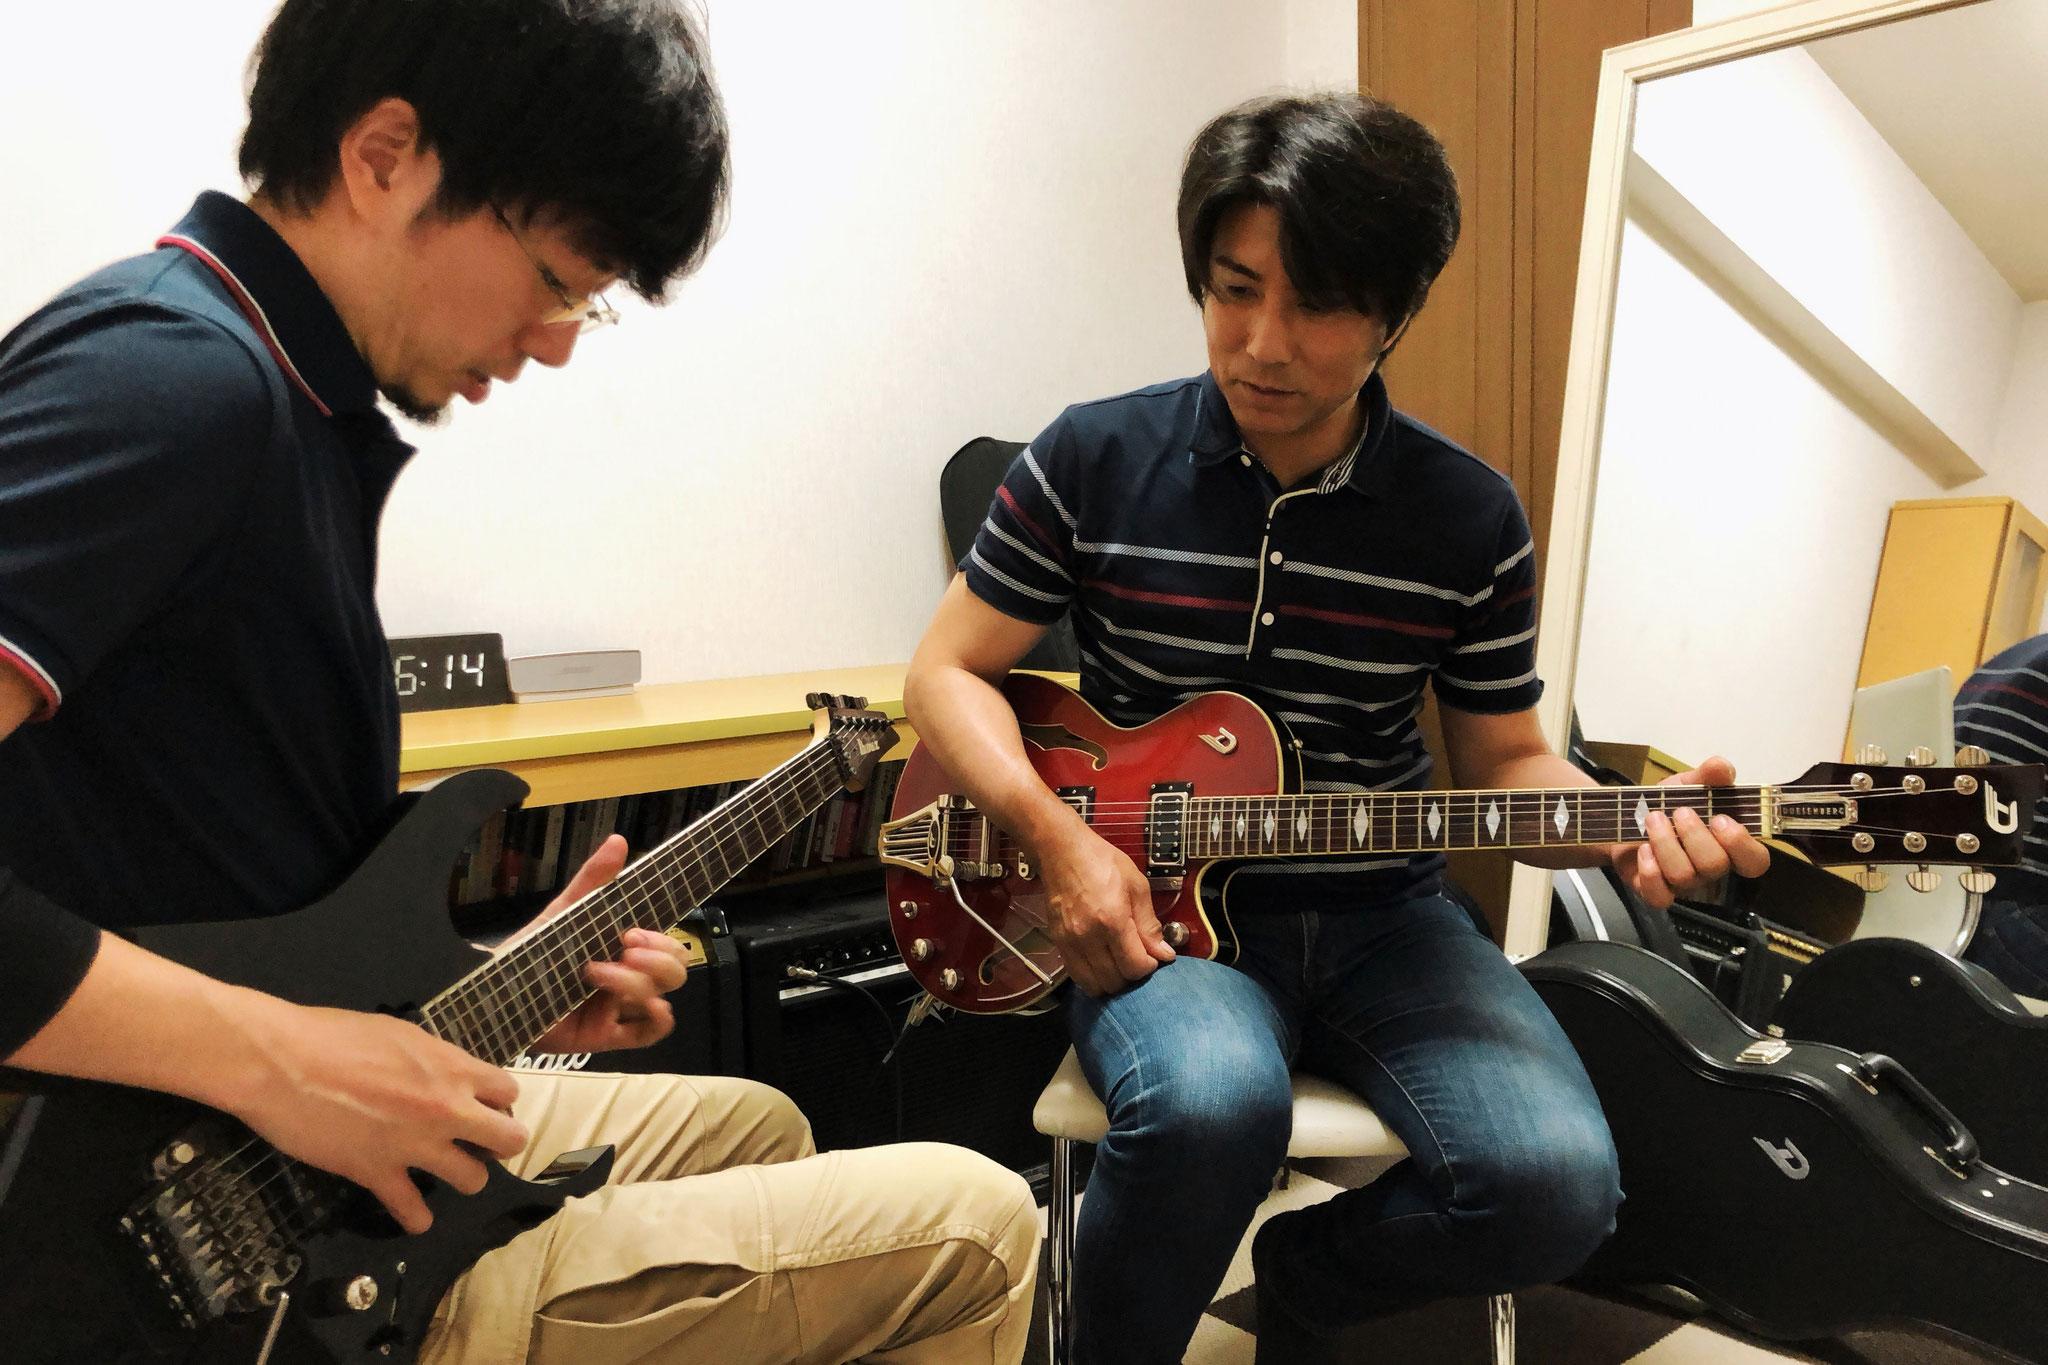 エレキギター ソロフレーズを演奏指導中